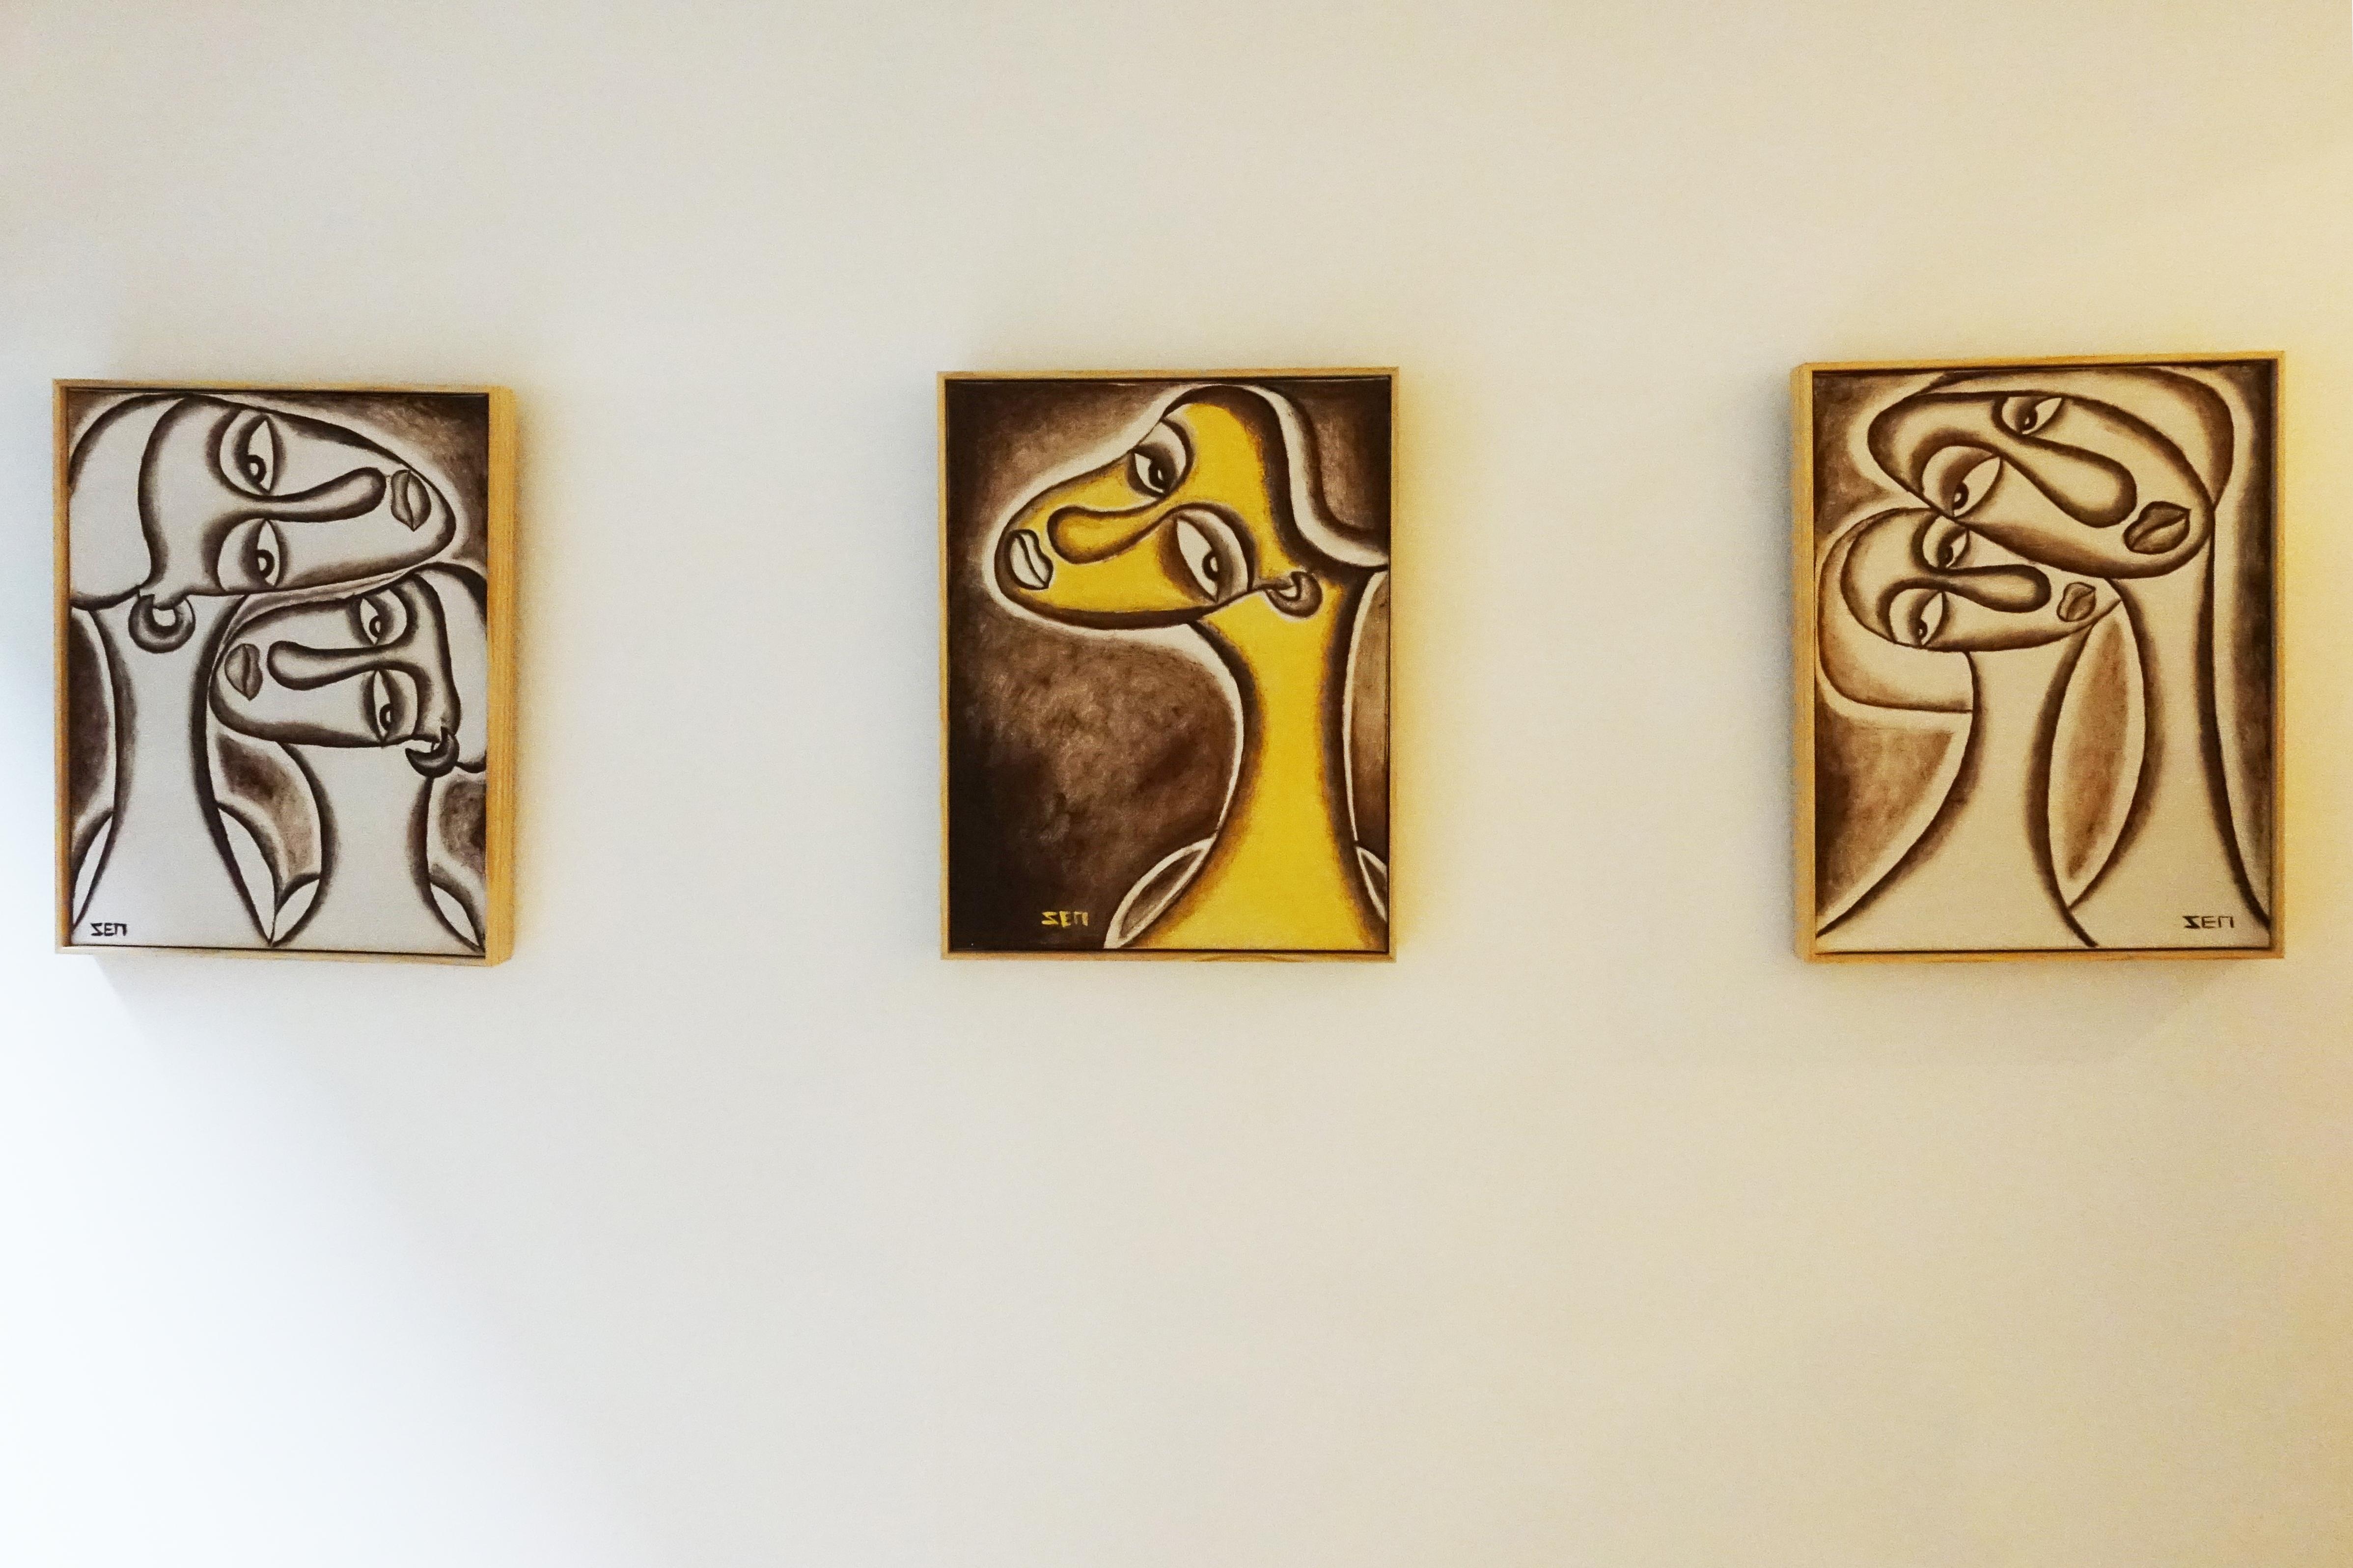 藝術家楊樹森油彩系列作品《普羅旺斯》左、《愛莉絲》中、《綺麗》右。